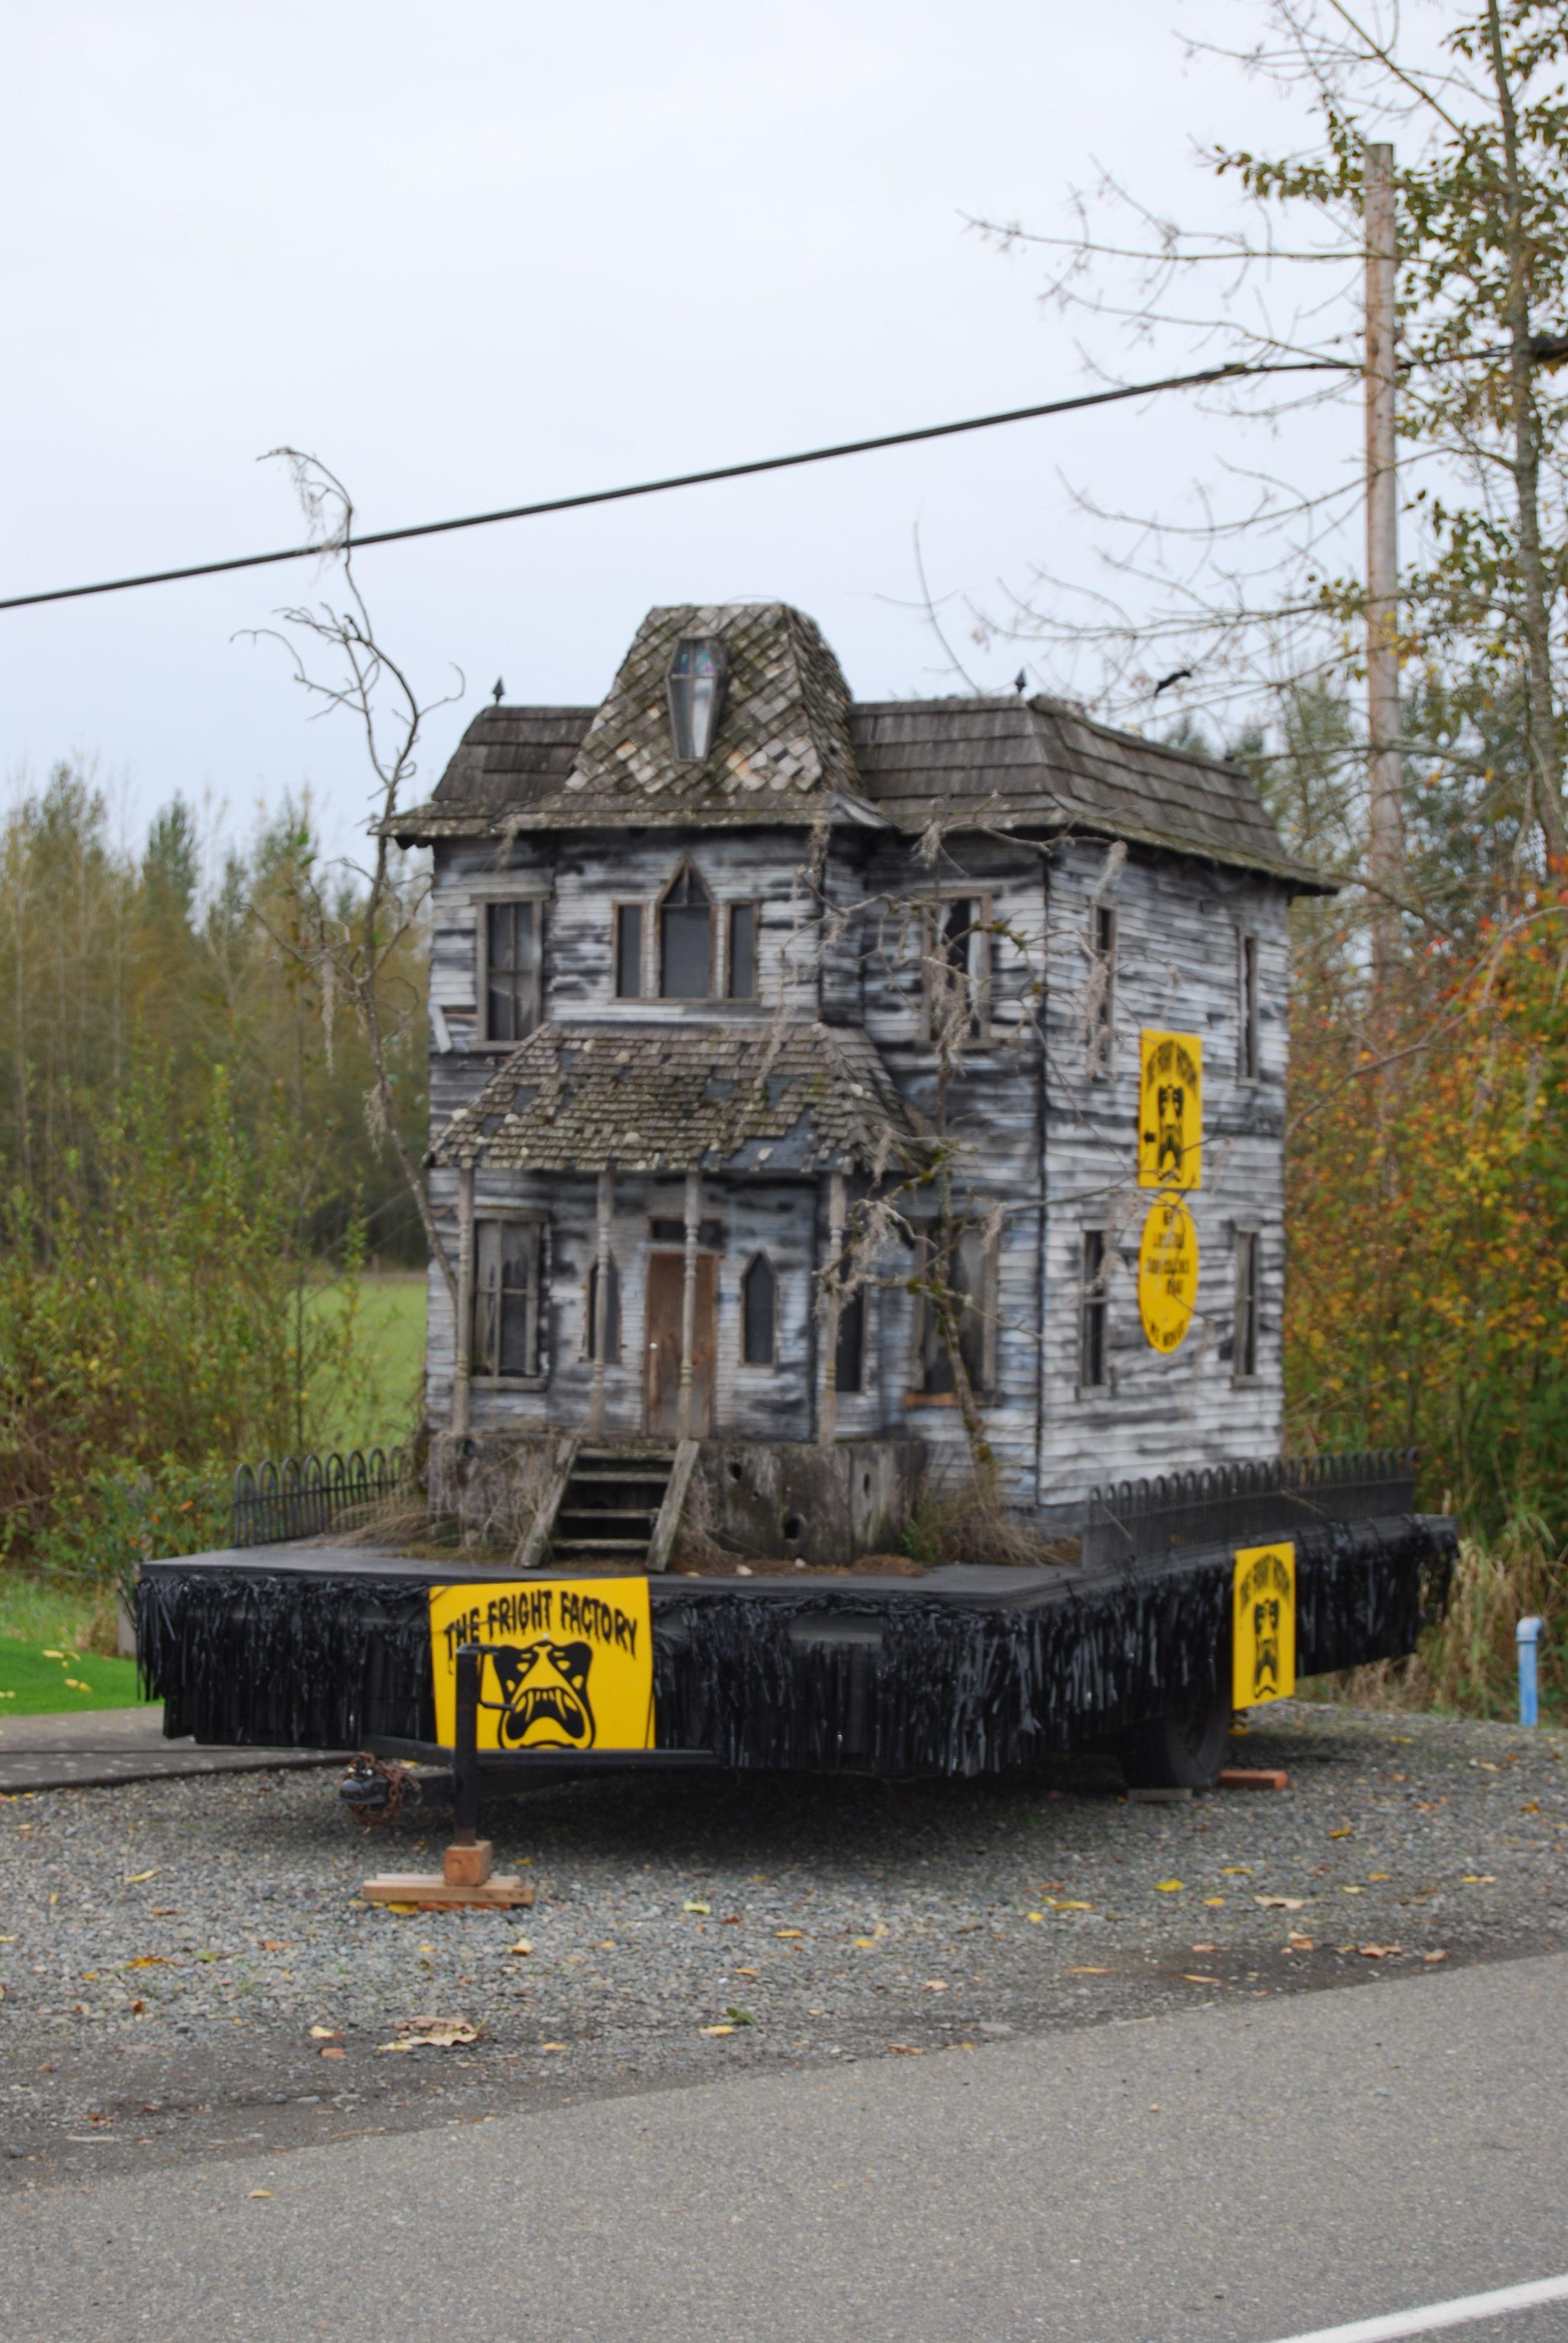 Buckley Washington Haunted House Glr Haunted House Haunting Buckley